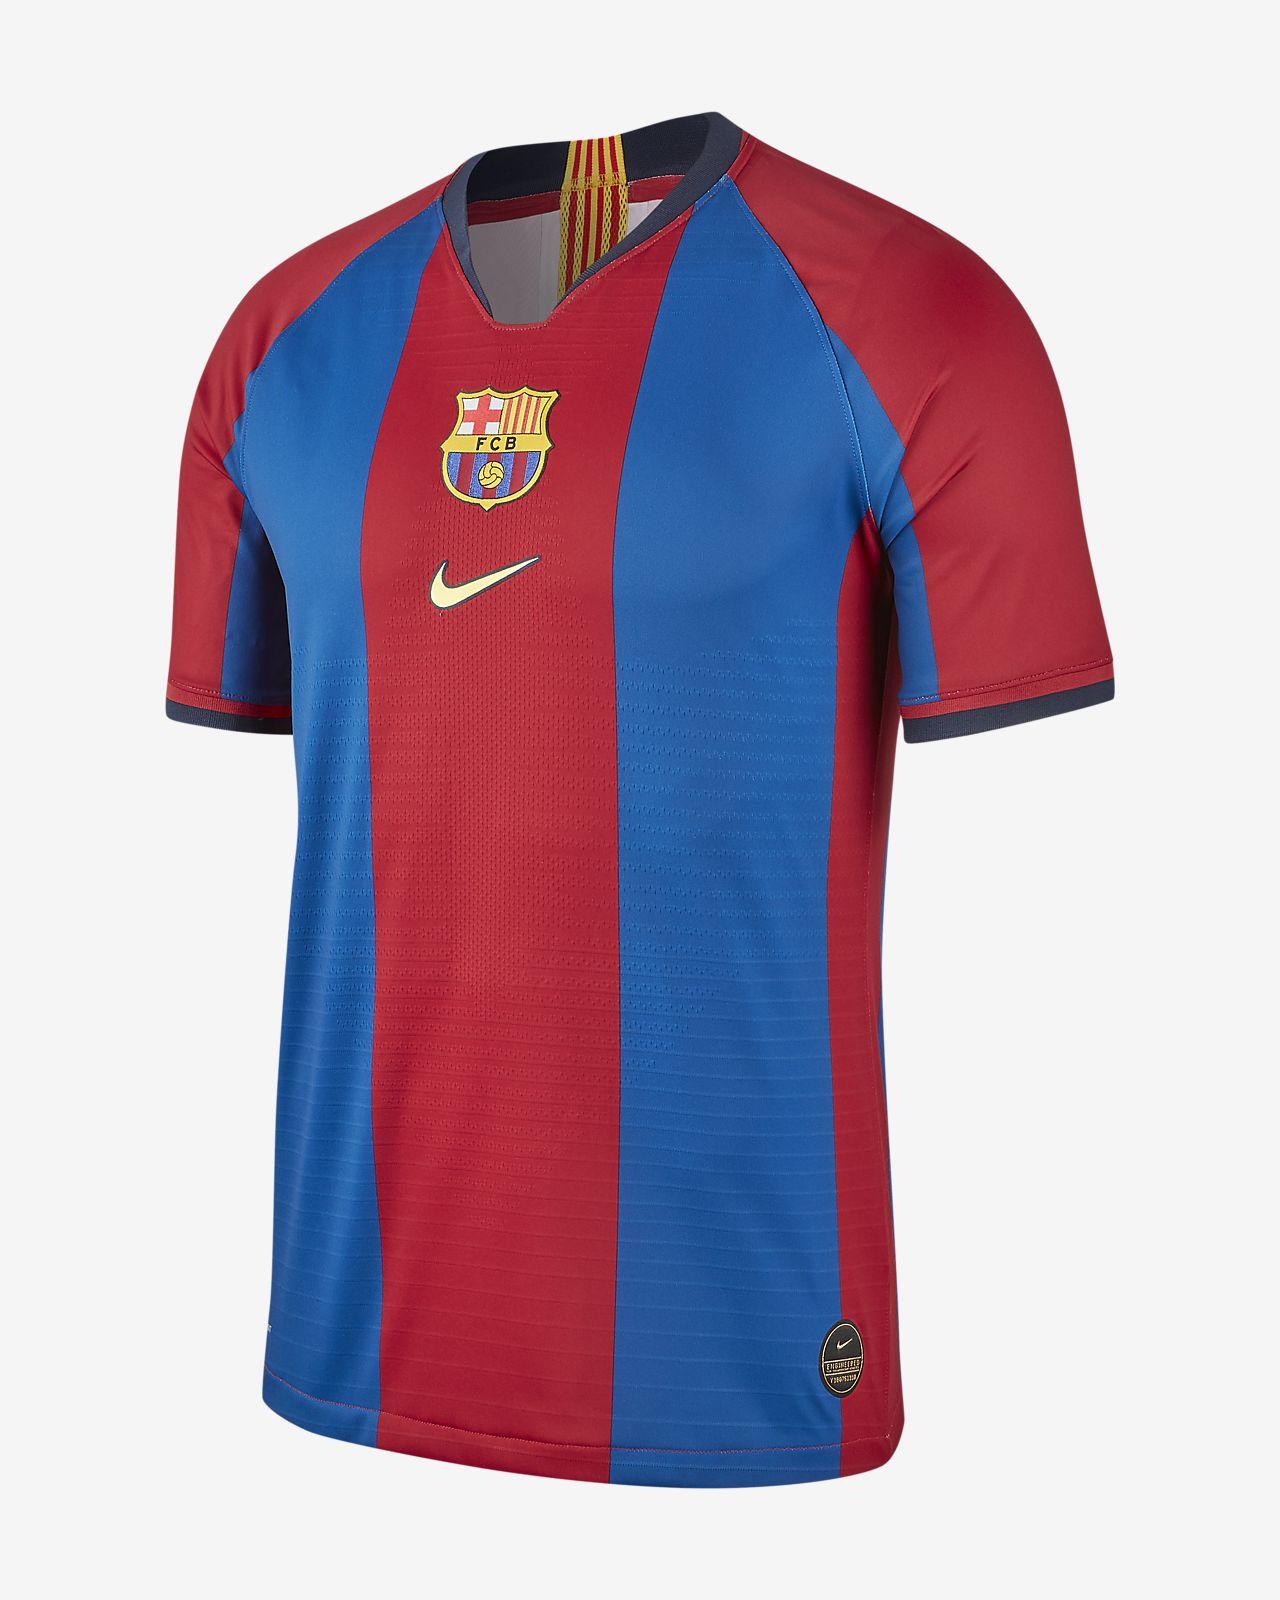 e4ba4b891a6 FC Barcelona Vapor Match  98 99 Men s Football Shirt. Nike.com GB